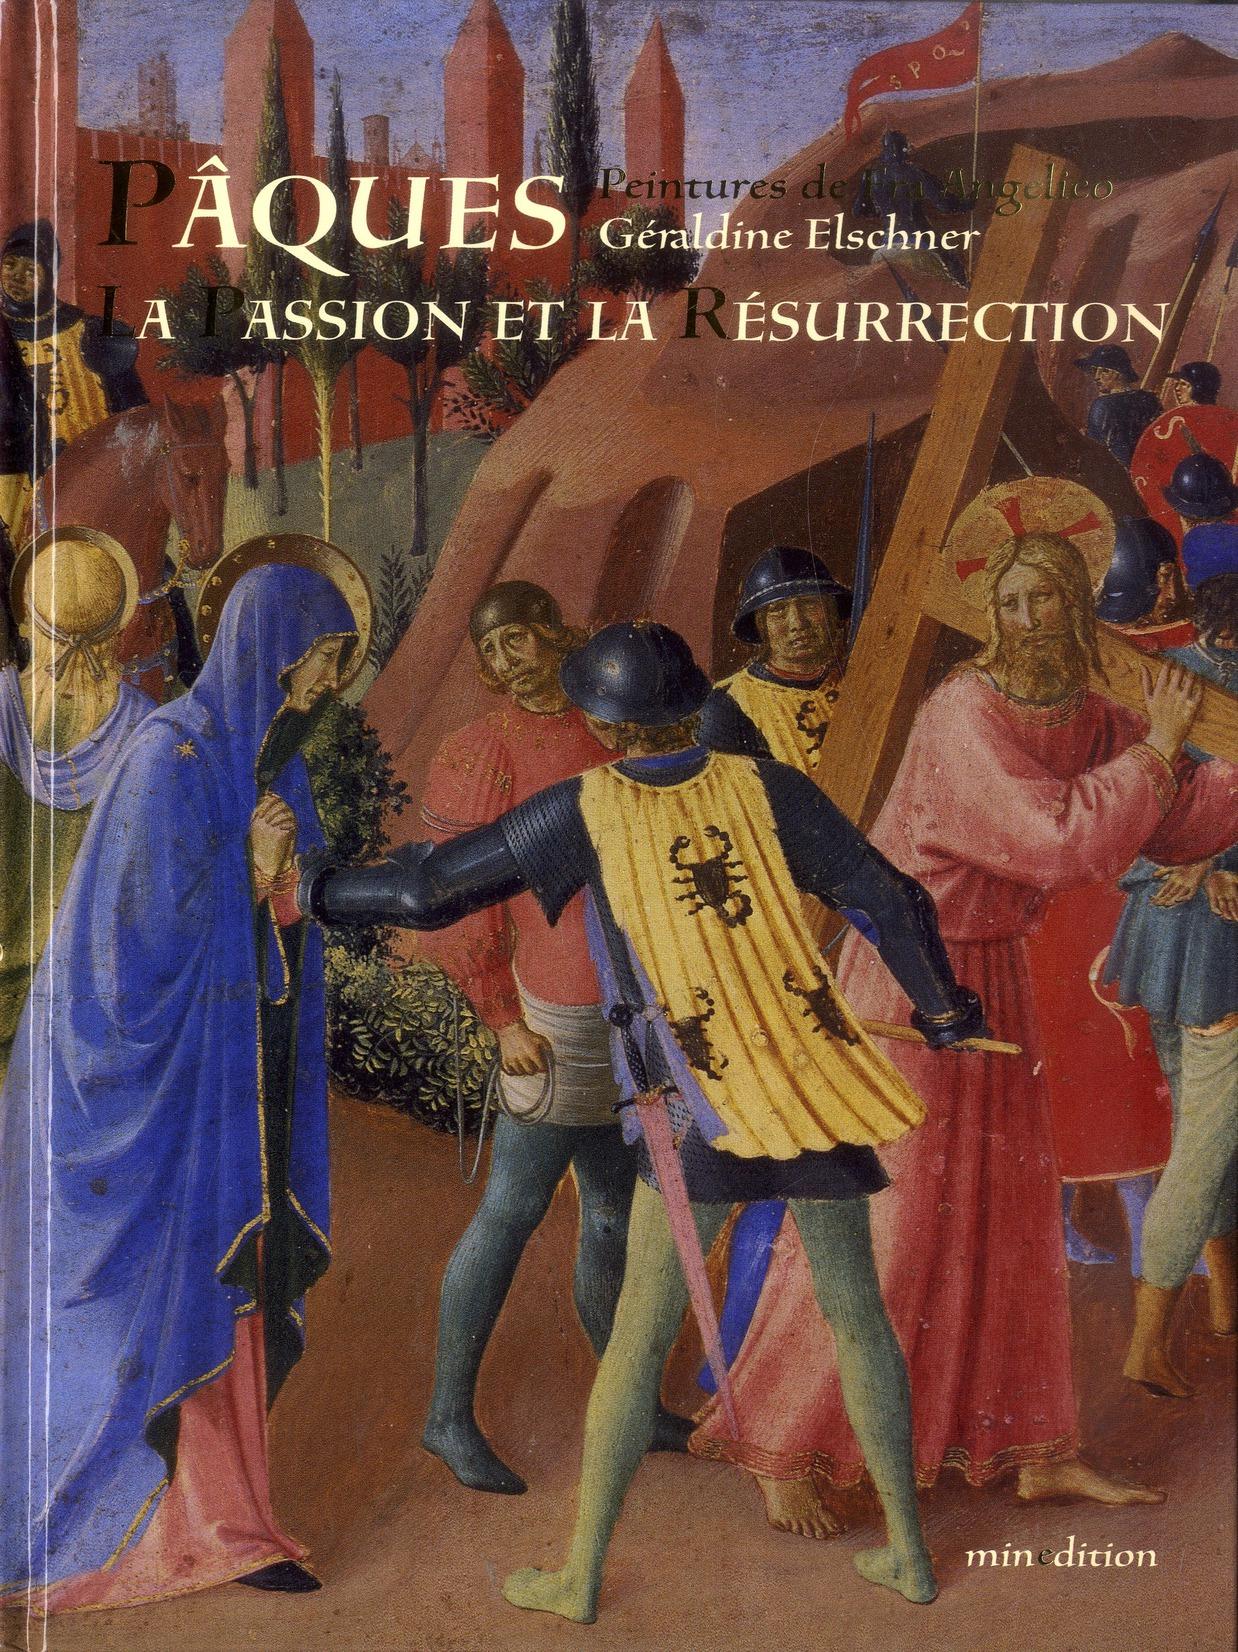 PAQUES: LA PASSION ET LA RESURRECTION